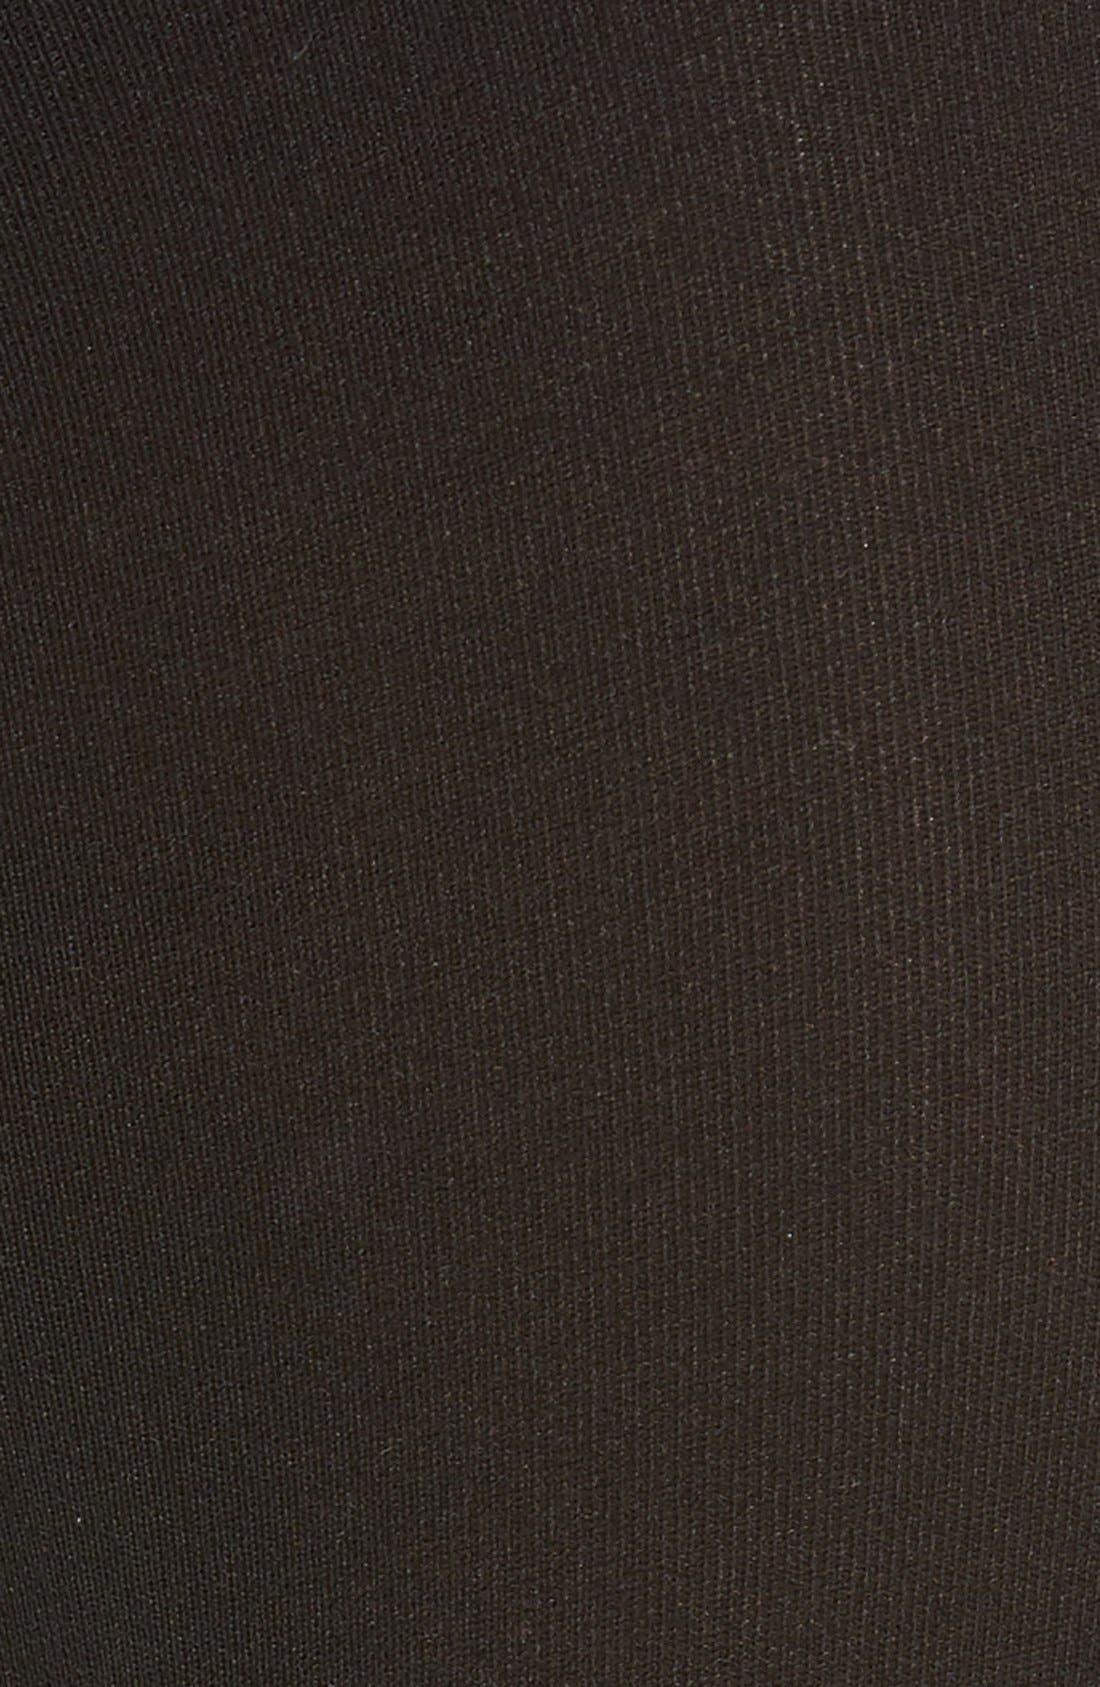 Velvet 66 Shaping Tights,                             Alternate thumbnail 2, color,                             BLACK